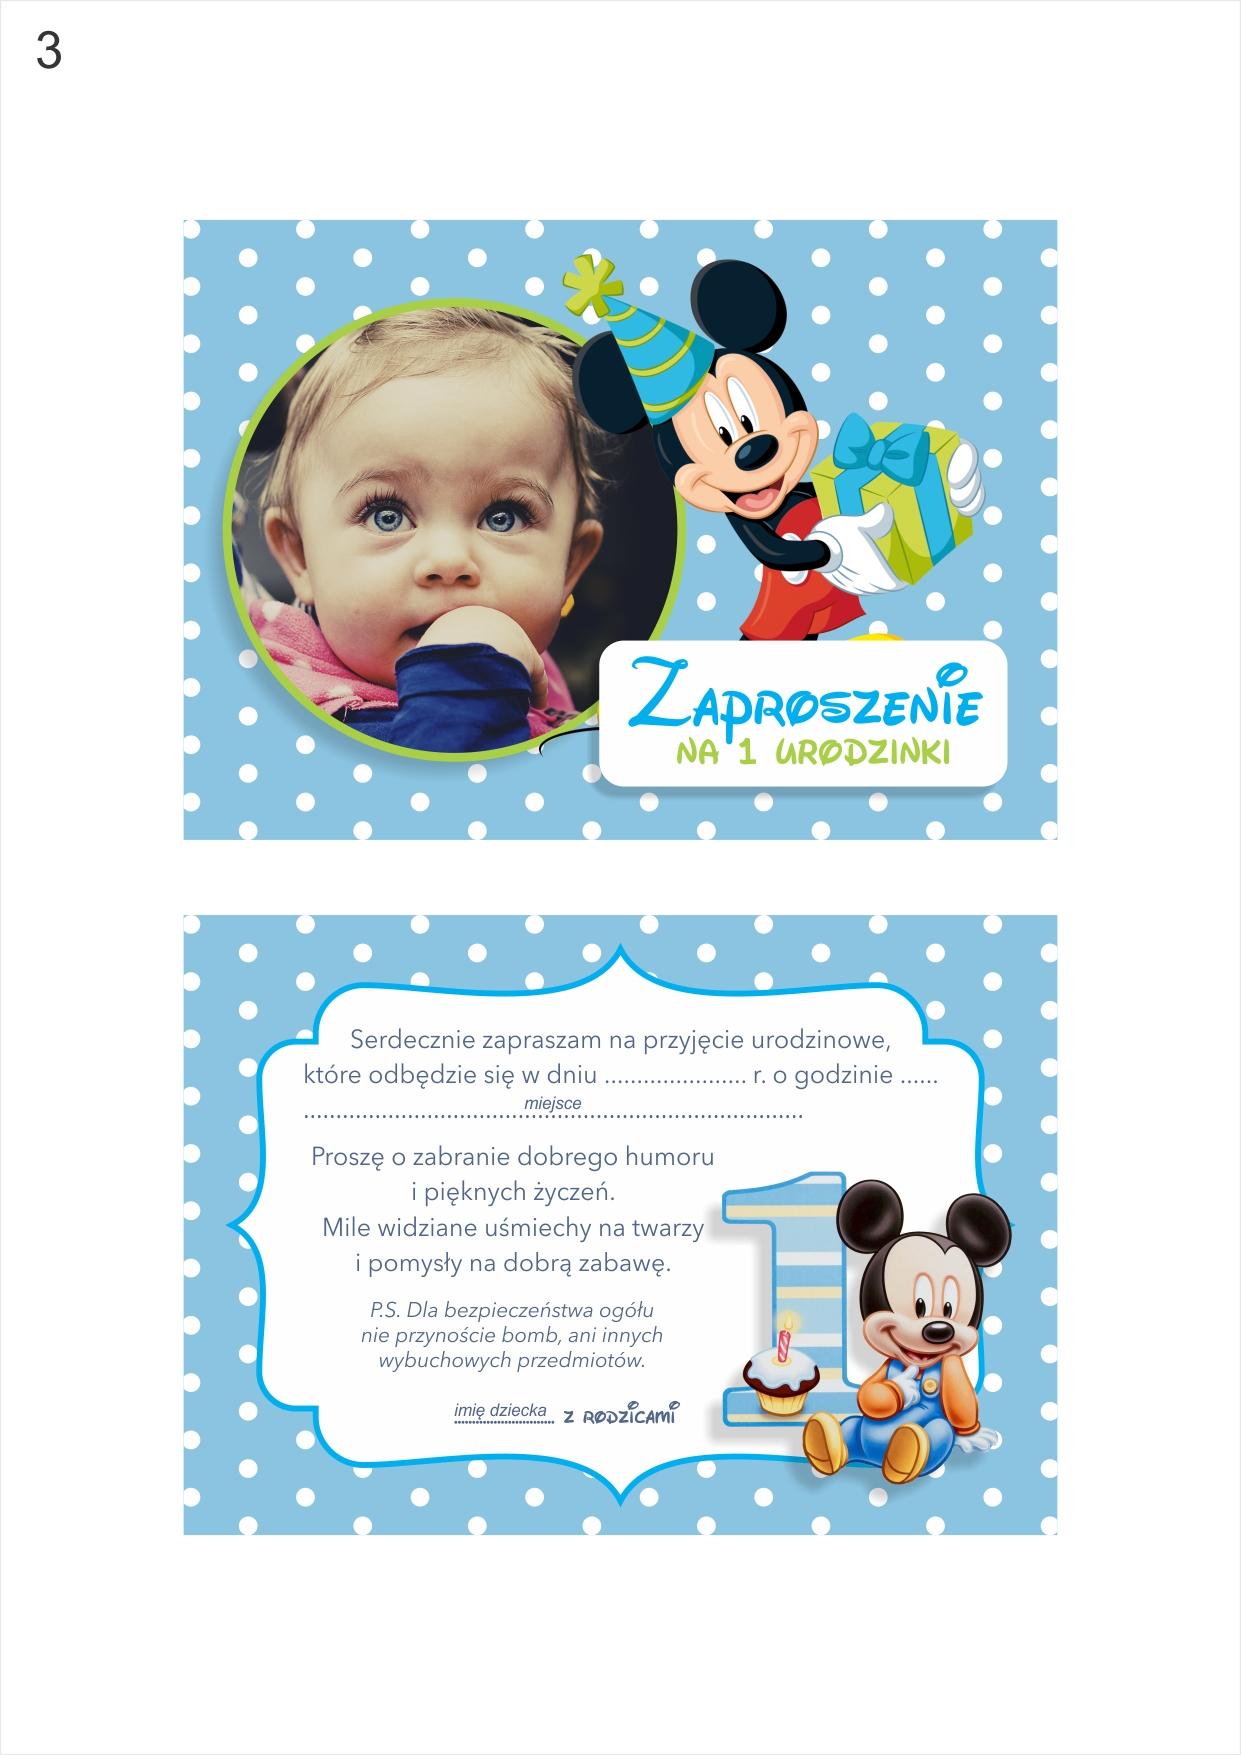 Zaproszenie Urodziny Zdjęcie Myszka Mickey Minnie 7351400053